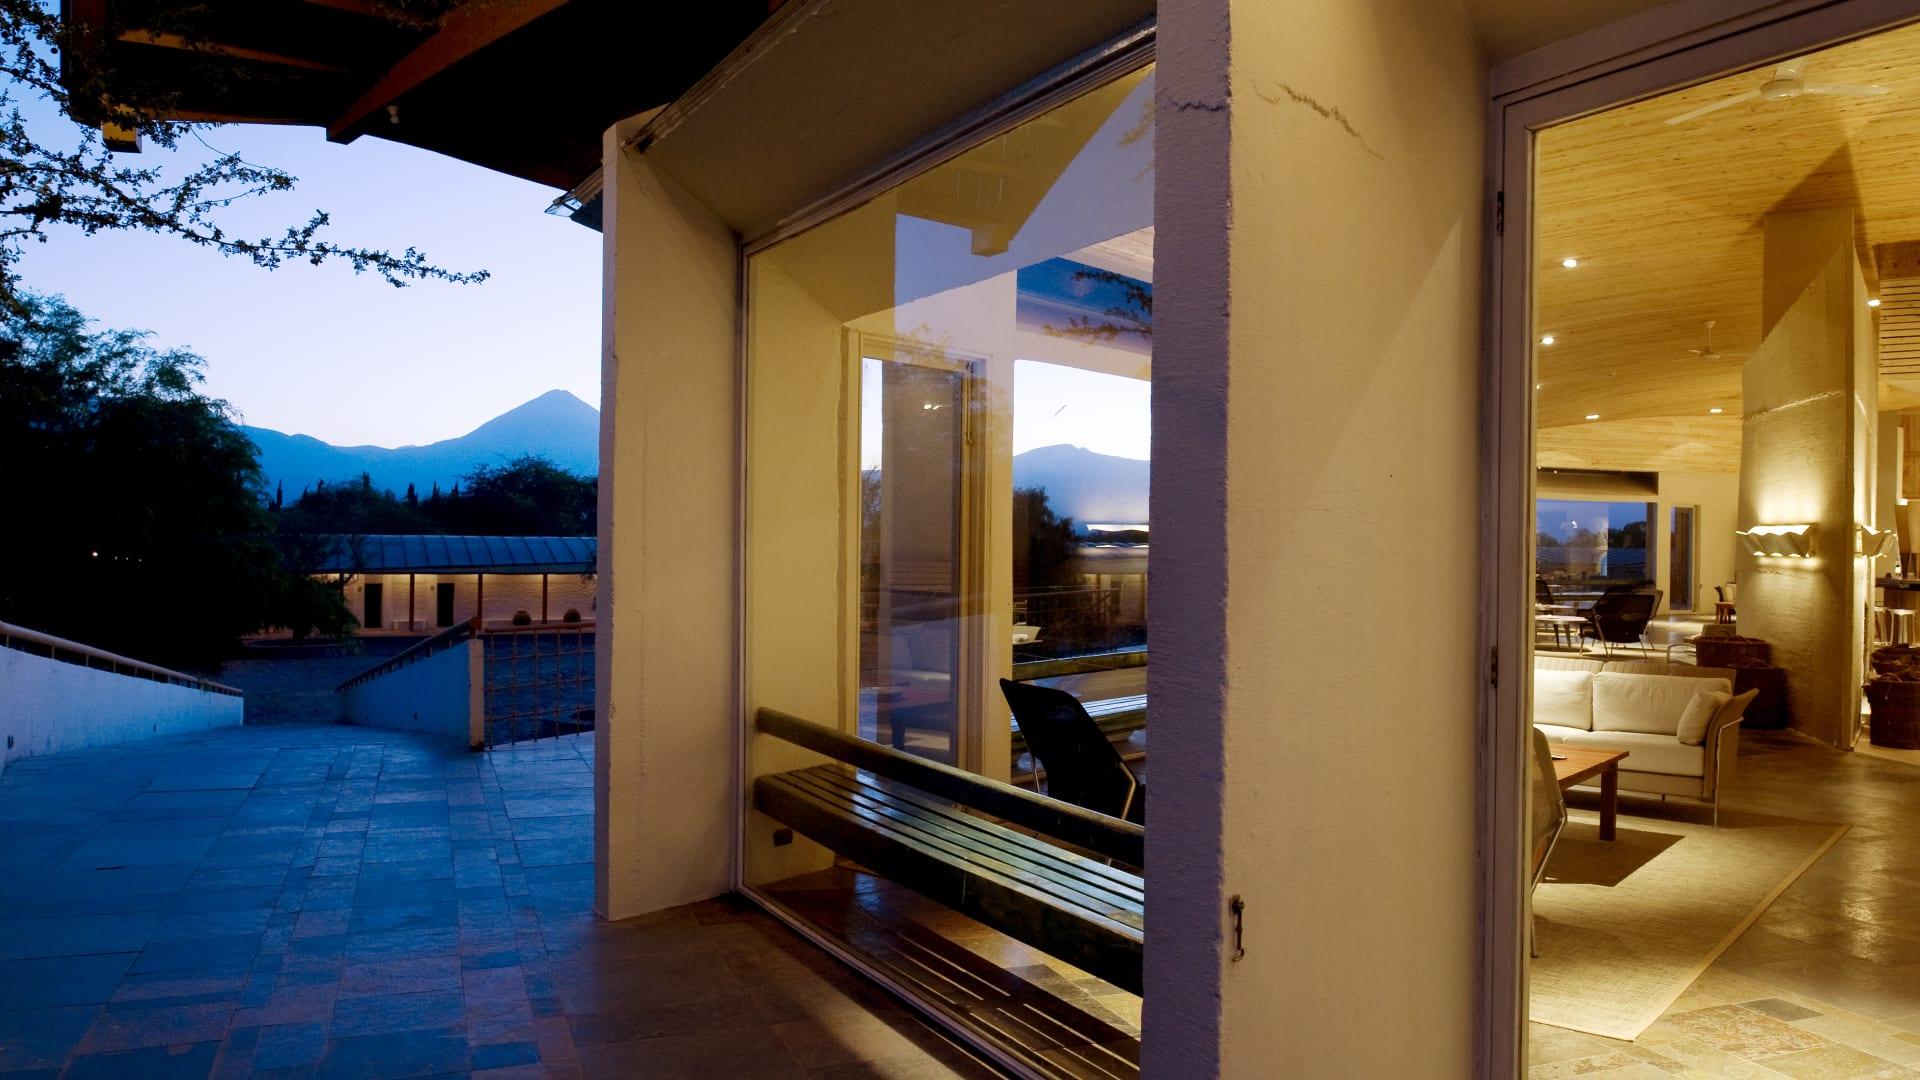 يقع فندق إكسبلورا أتاكاما على مساحة 17 هكتاراً قبالة طريق ضيق ومغبر في سان بيدرو دي أكاتاما.